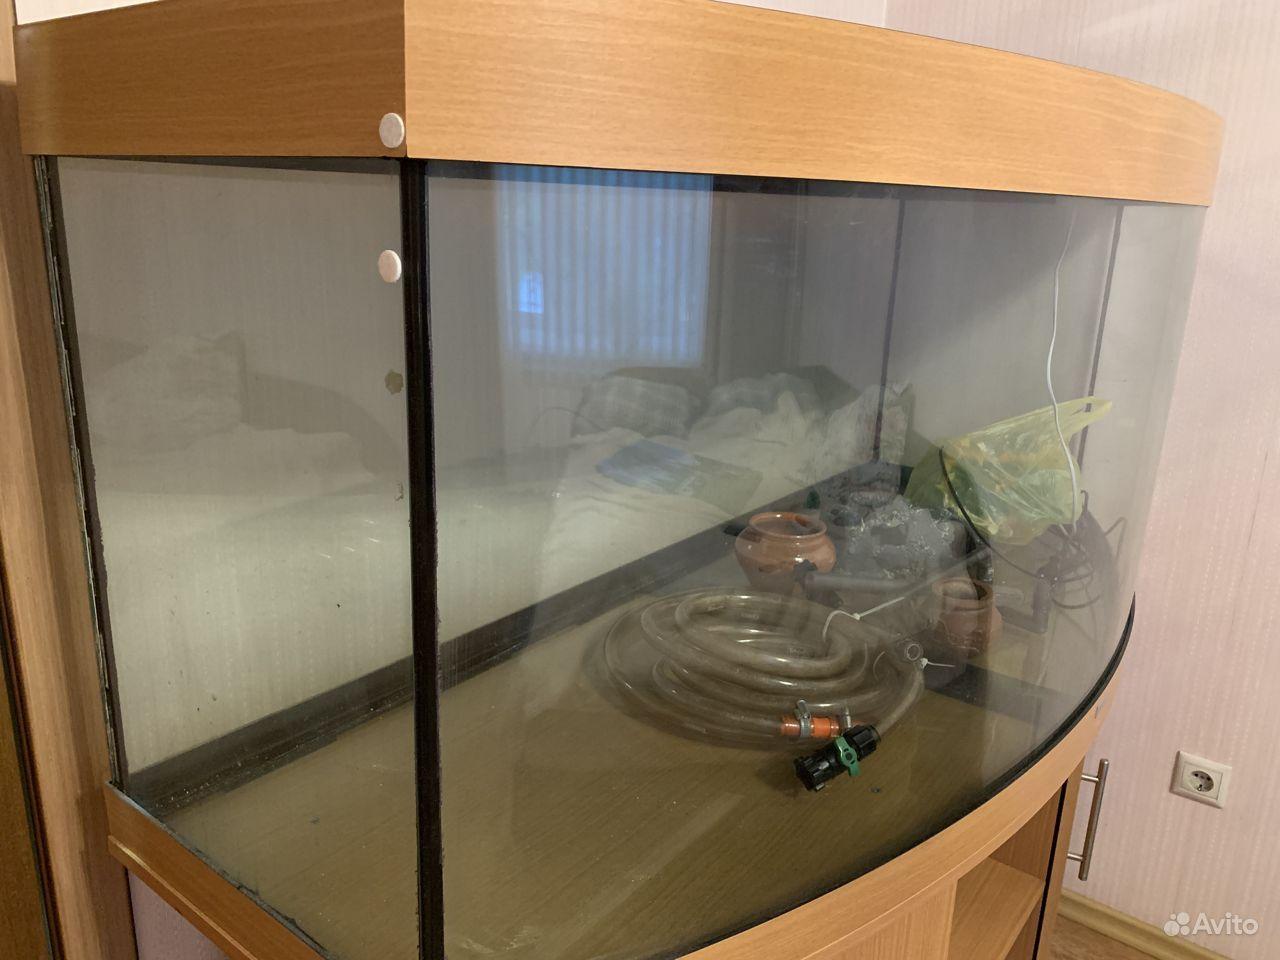 Аквариум Juwel-Aquarium 450л. с тумбой, фильтром купить на Зозу.ру - фотография № 6